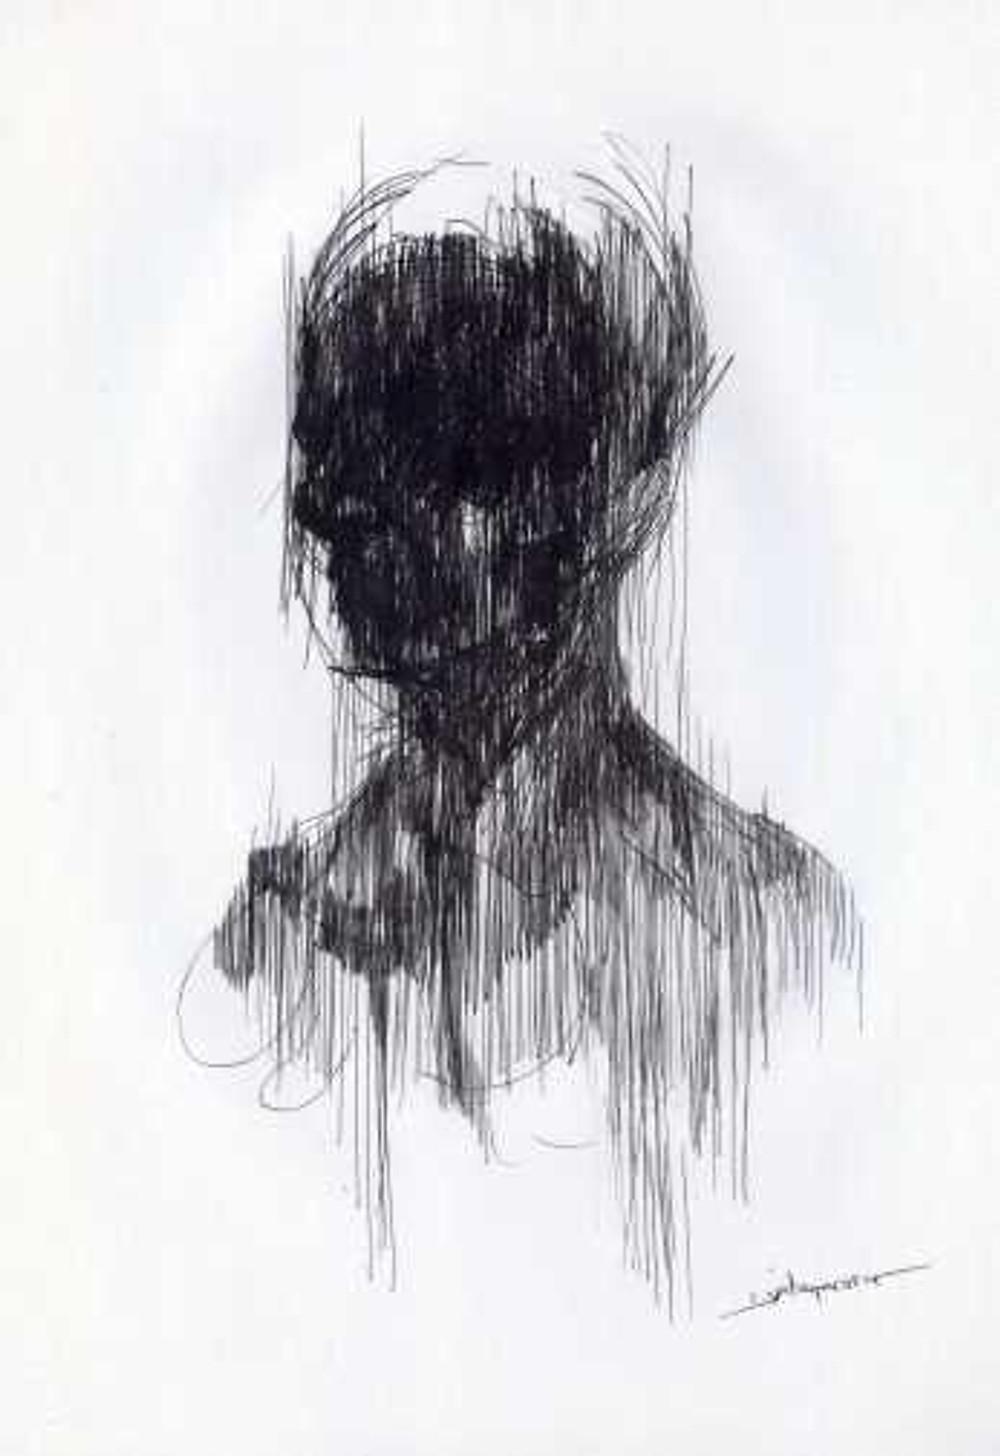 Μαύρο πορτραίτο 21x29,7εκ. μελάνι σε χαρτί 2012